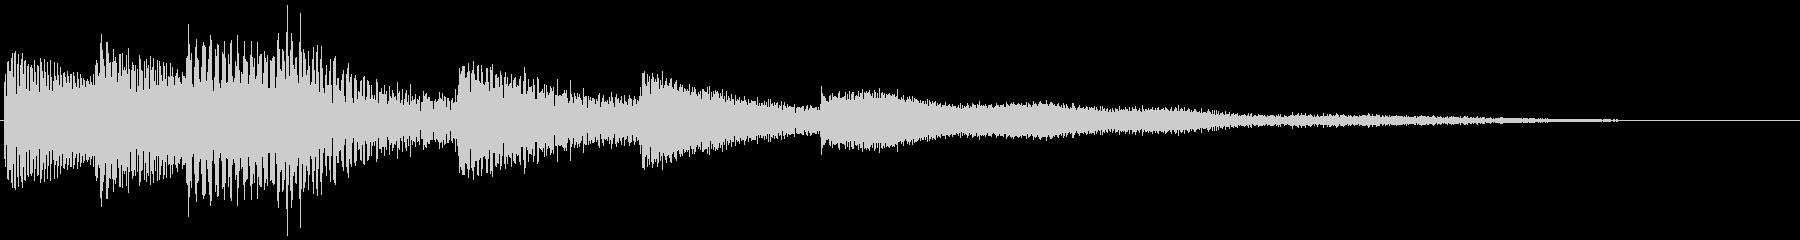 ピアノの神秘的なサウンドロゴの未再生の波形